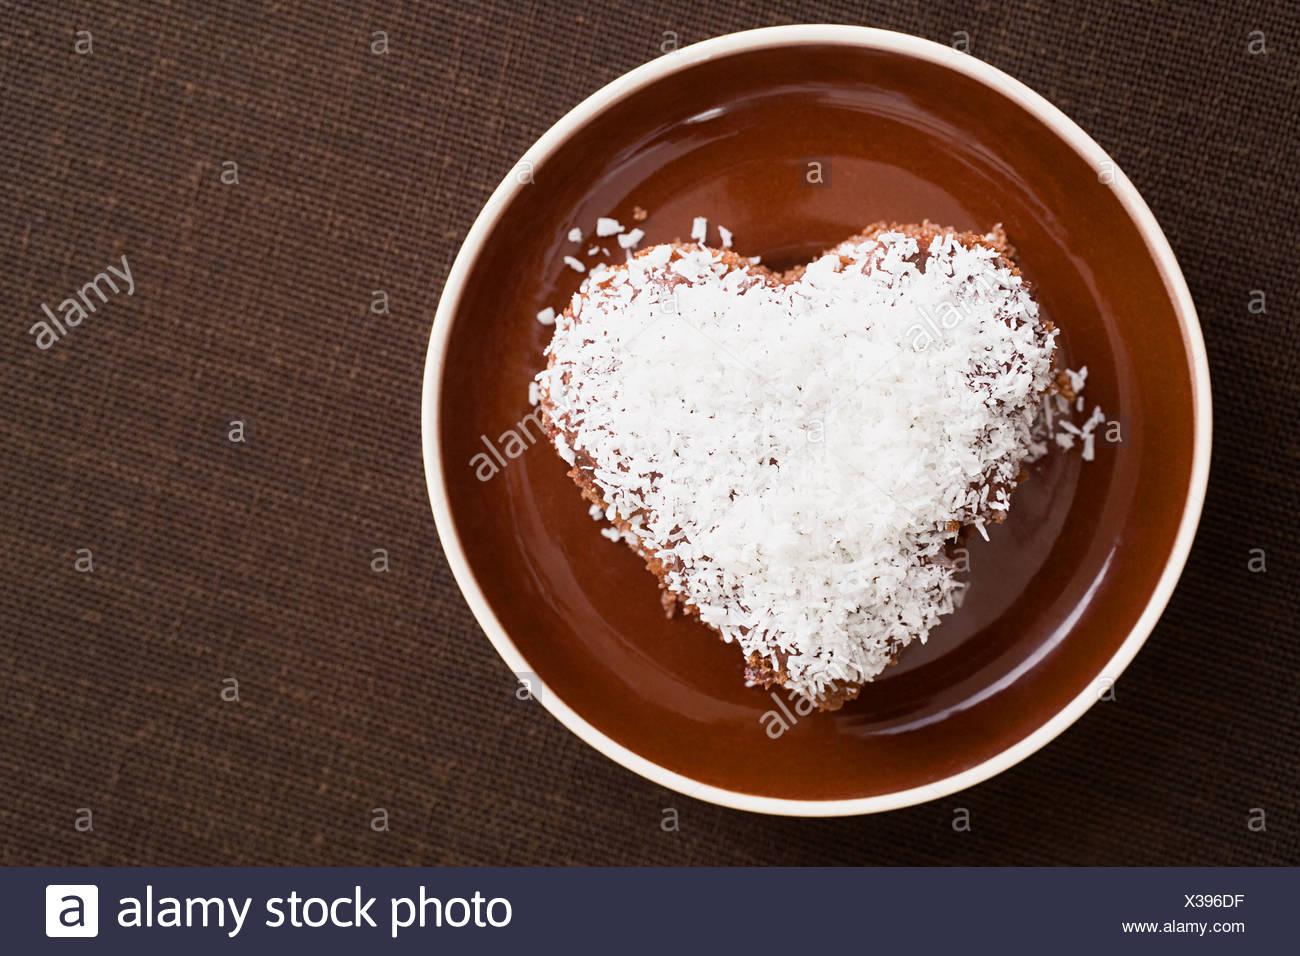 Un gâteau décoré de noix de coco desséchée Photo Stock